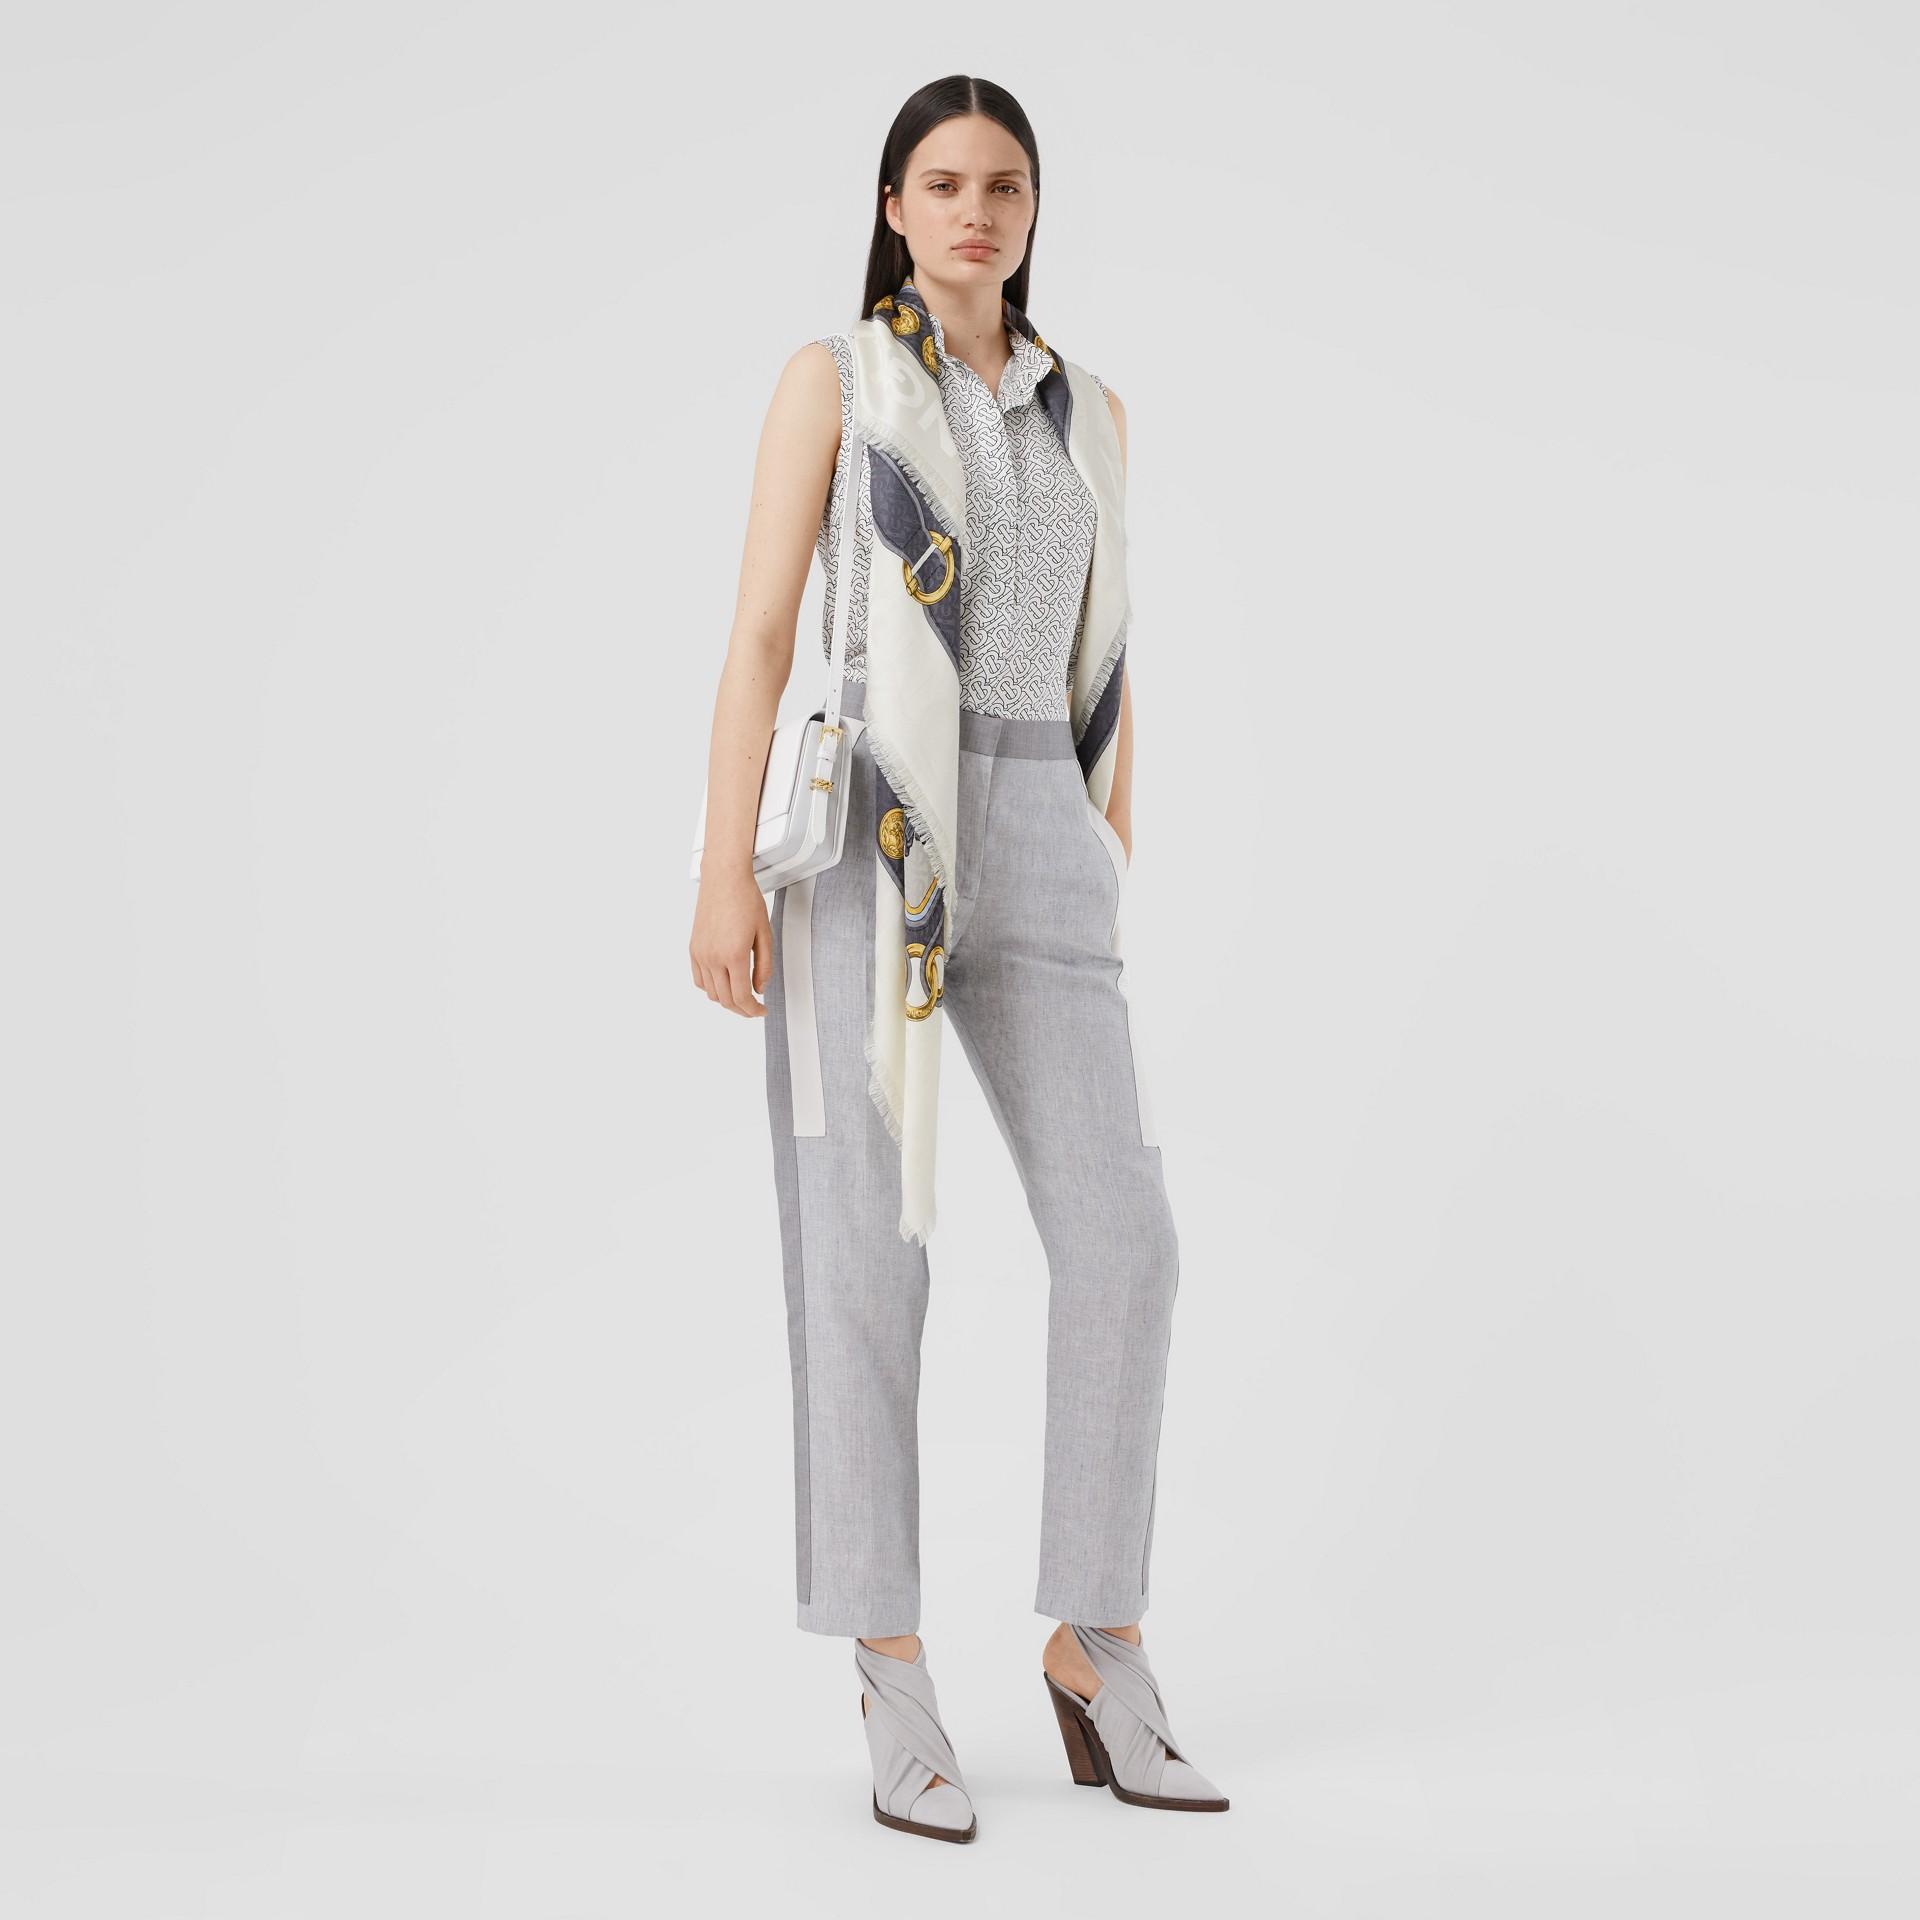 典藏圍巾印花絲綢羊毛大型方巾 (灰色) | Burberry - 圖庫照片 5